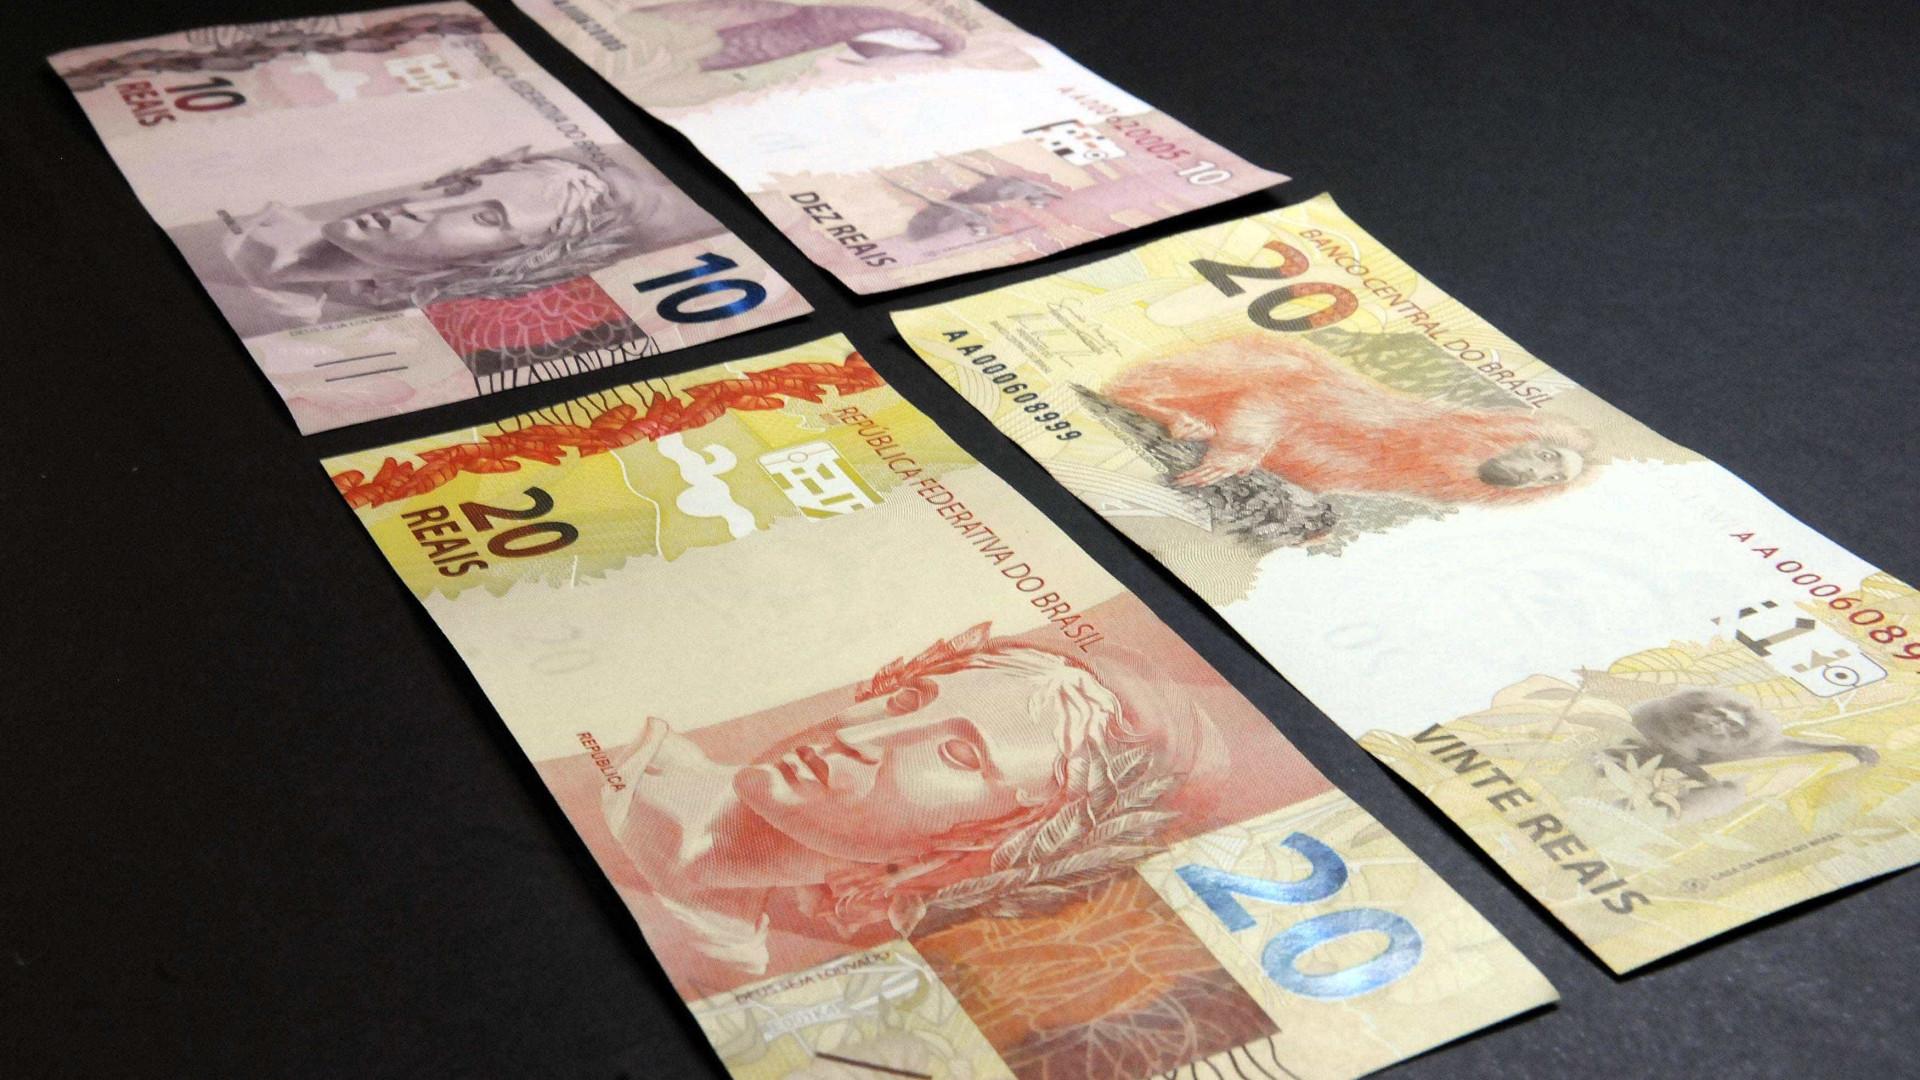 Governo prevê economia de R$ 17 bilhões com fim de fraudes